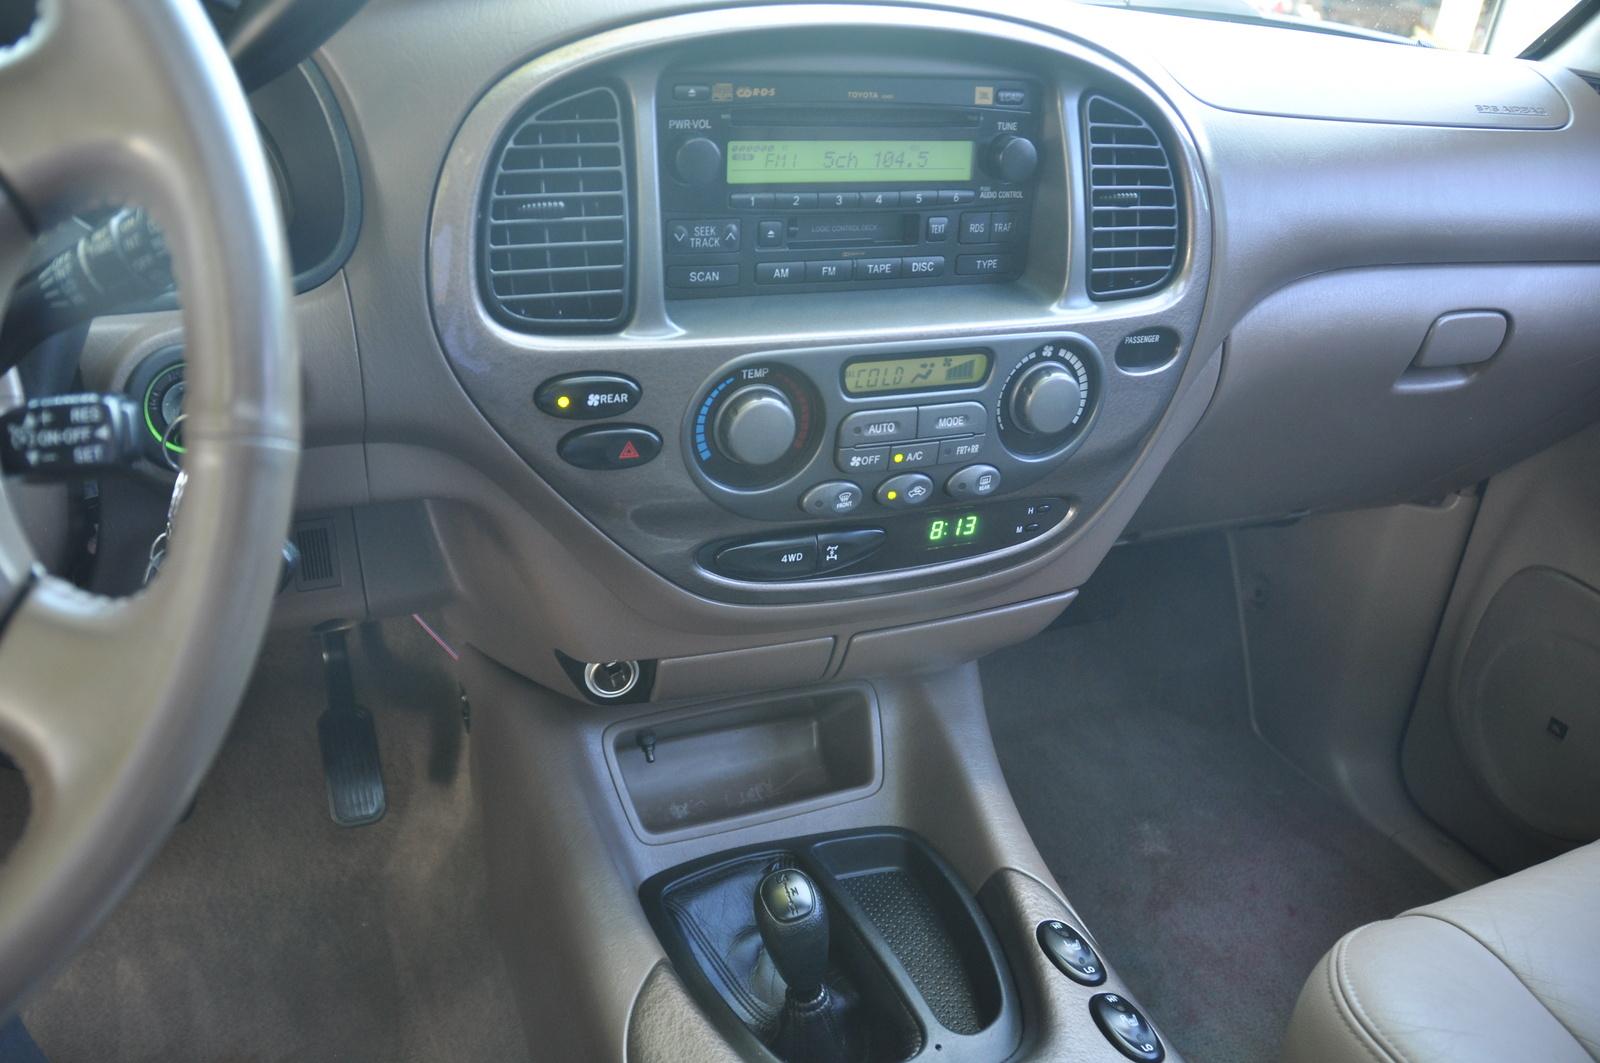 2003 Toyota Sequoia Interior Pictures Cargurus